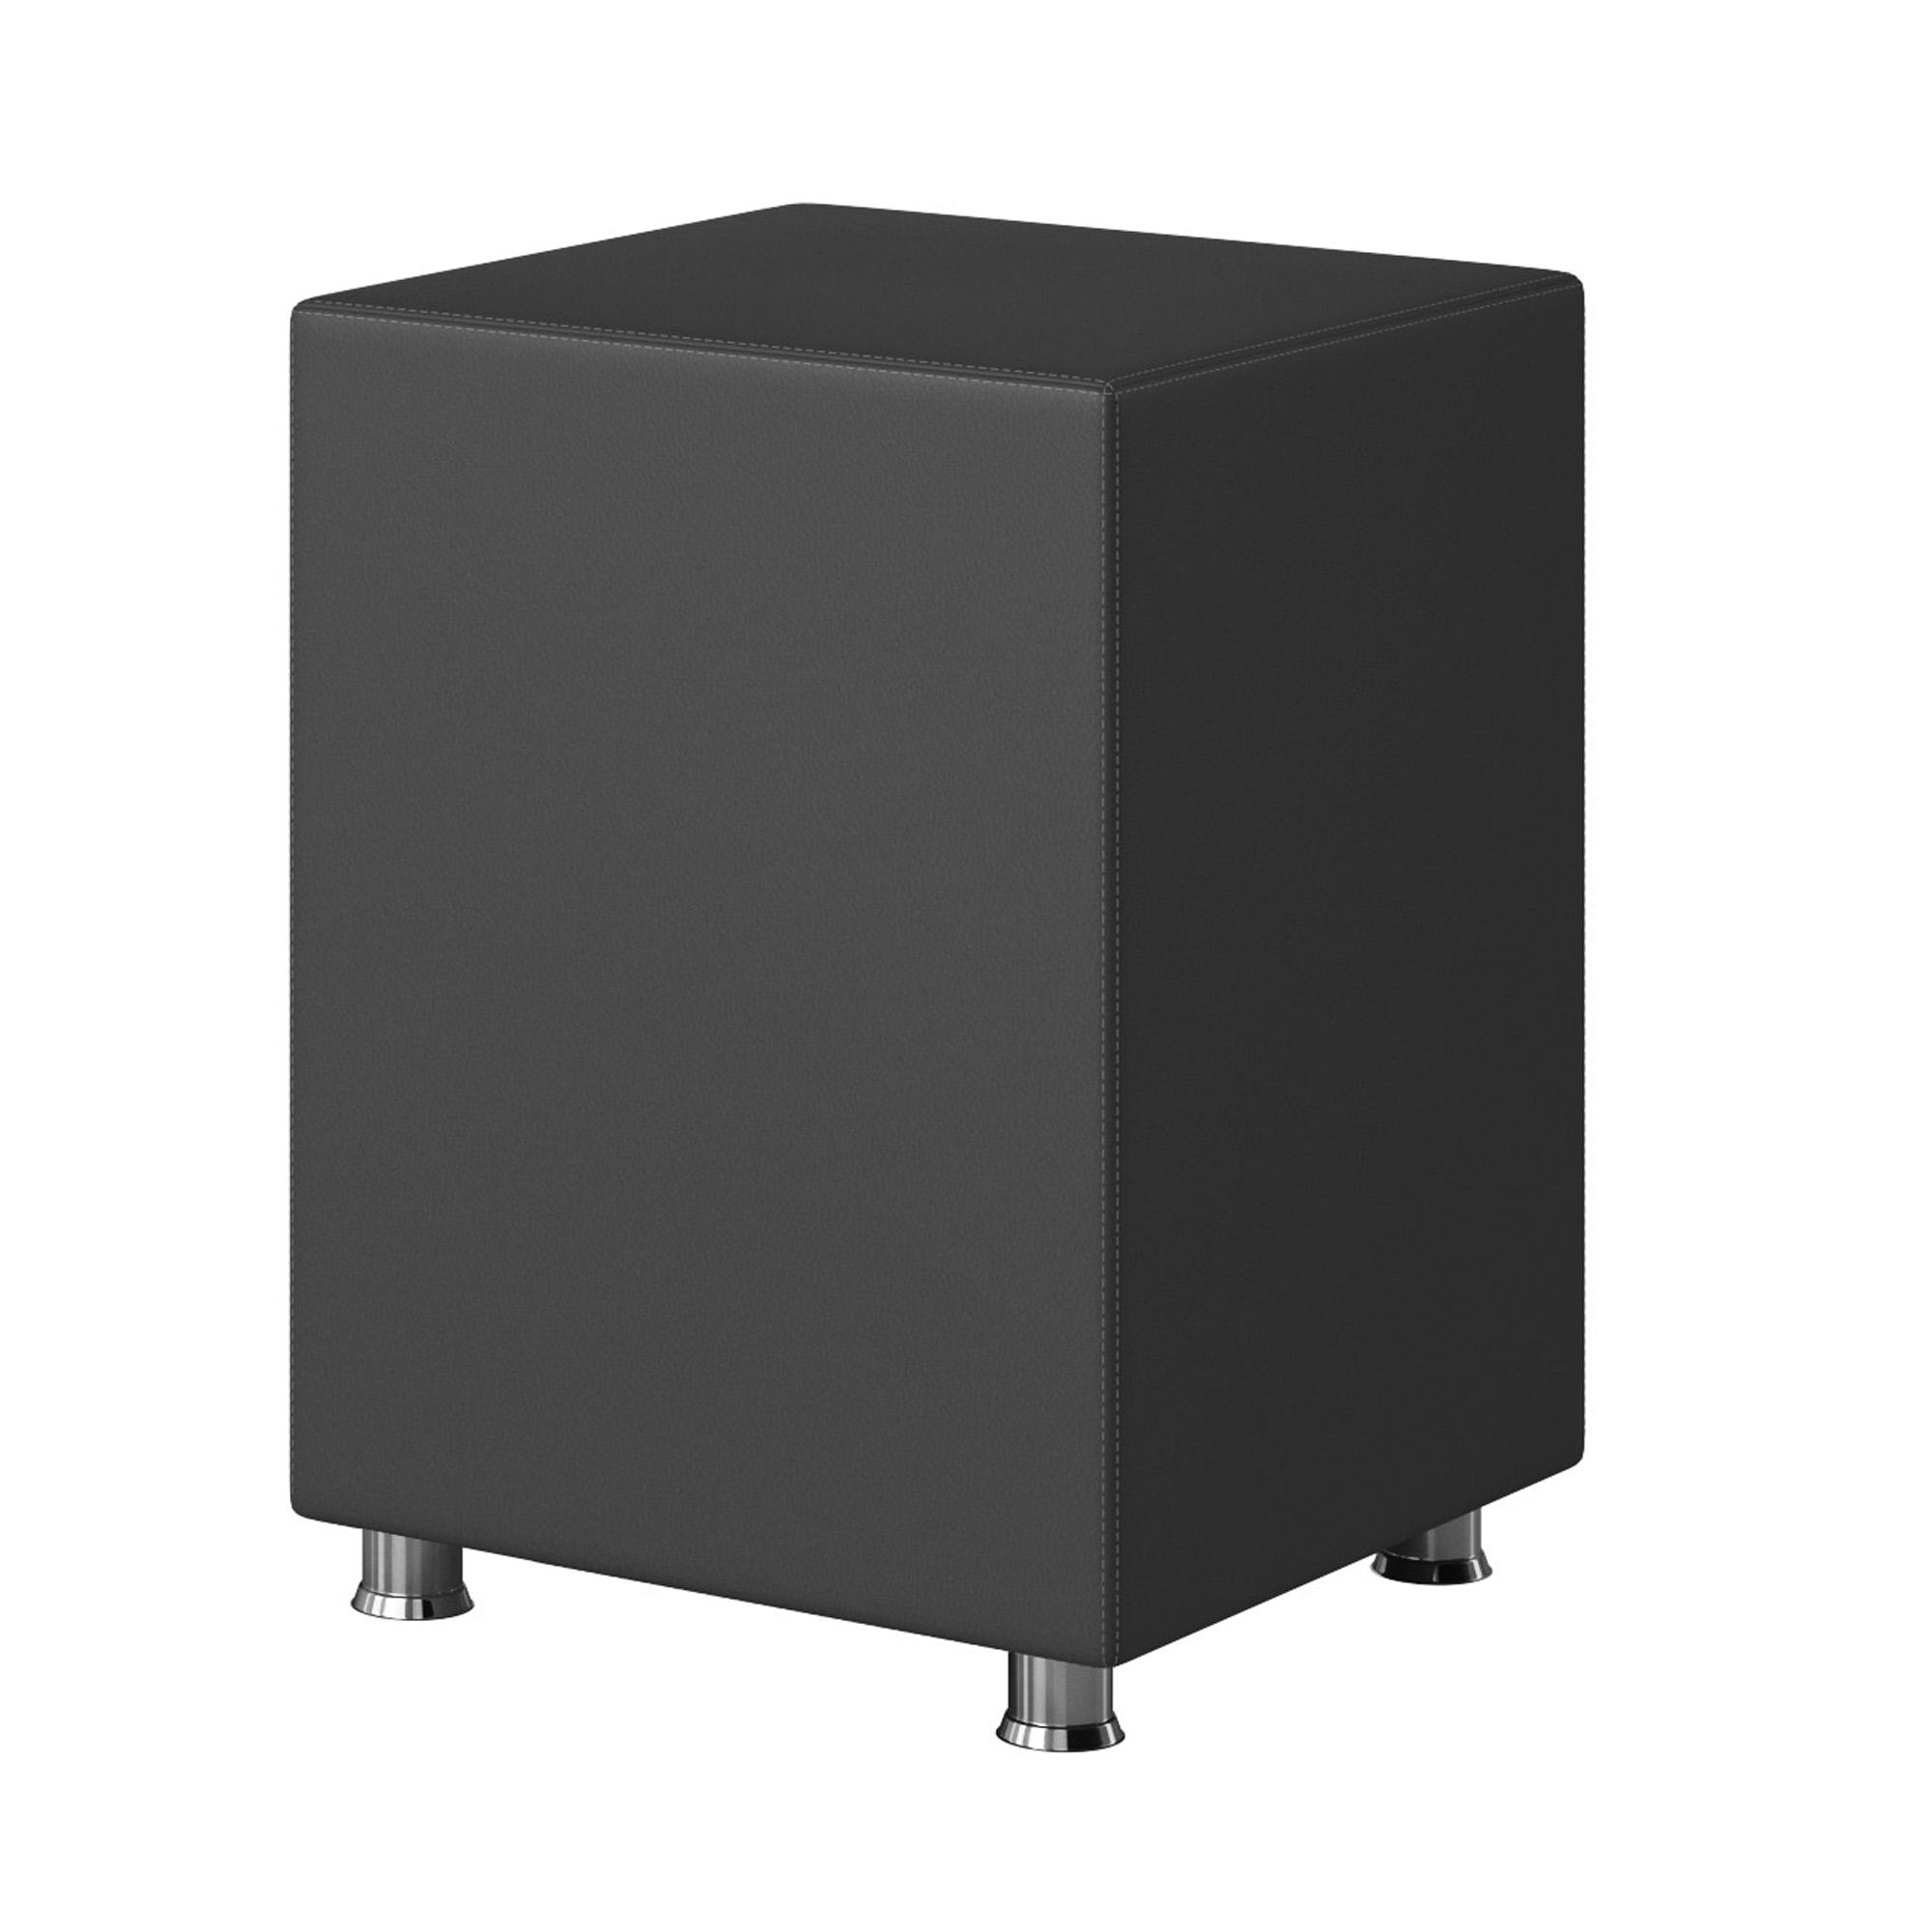 Nachttisch Hocker Kara Würfel Cube Anthrazit 40x40x60 Kunstleder